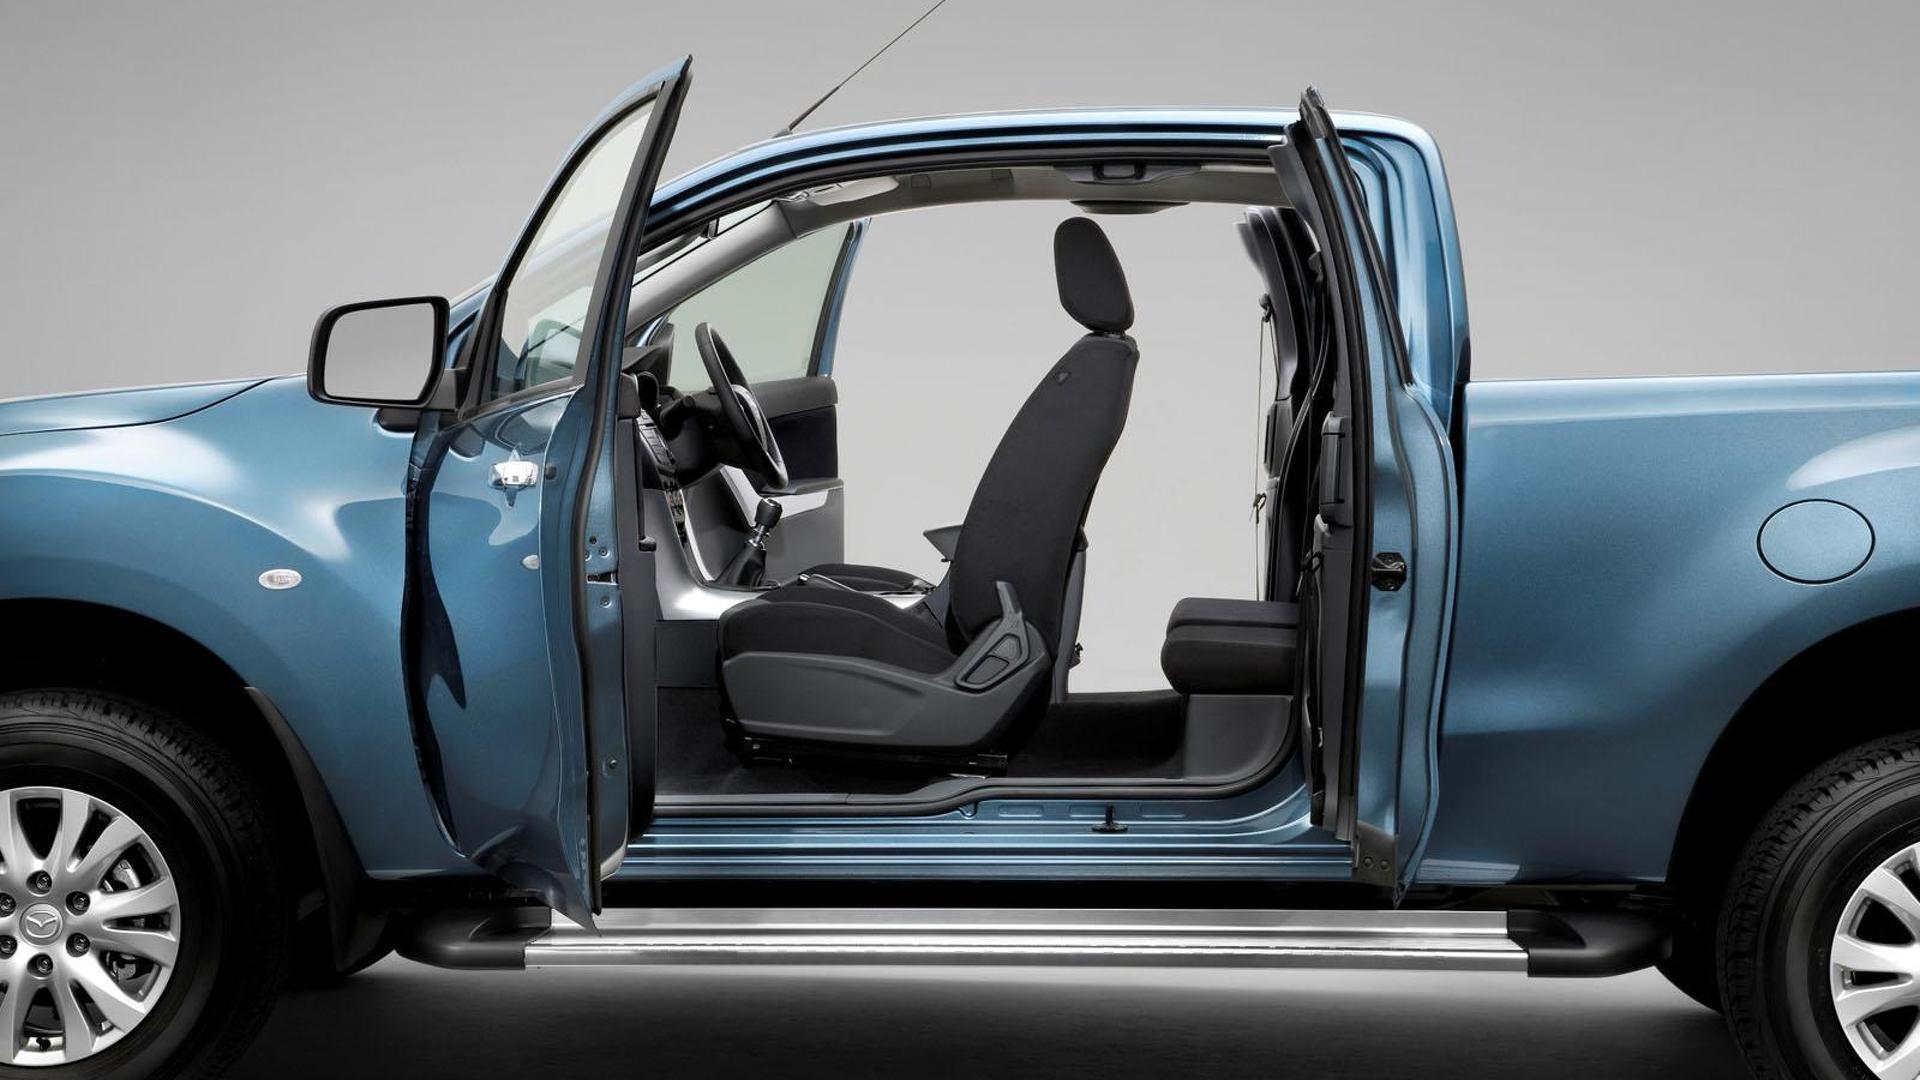 & Mazda BT-50 Freestyle revealed